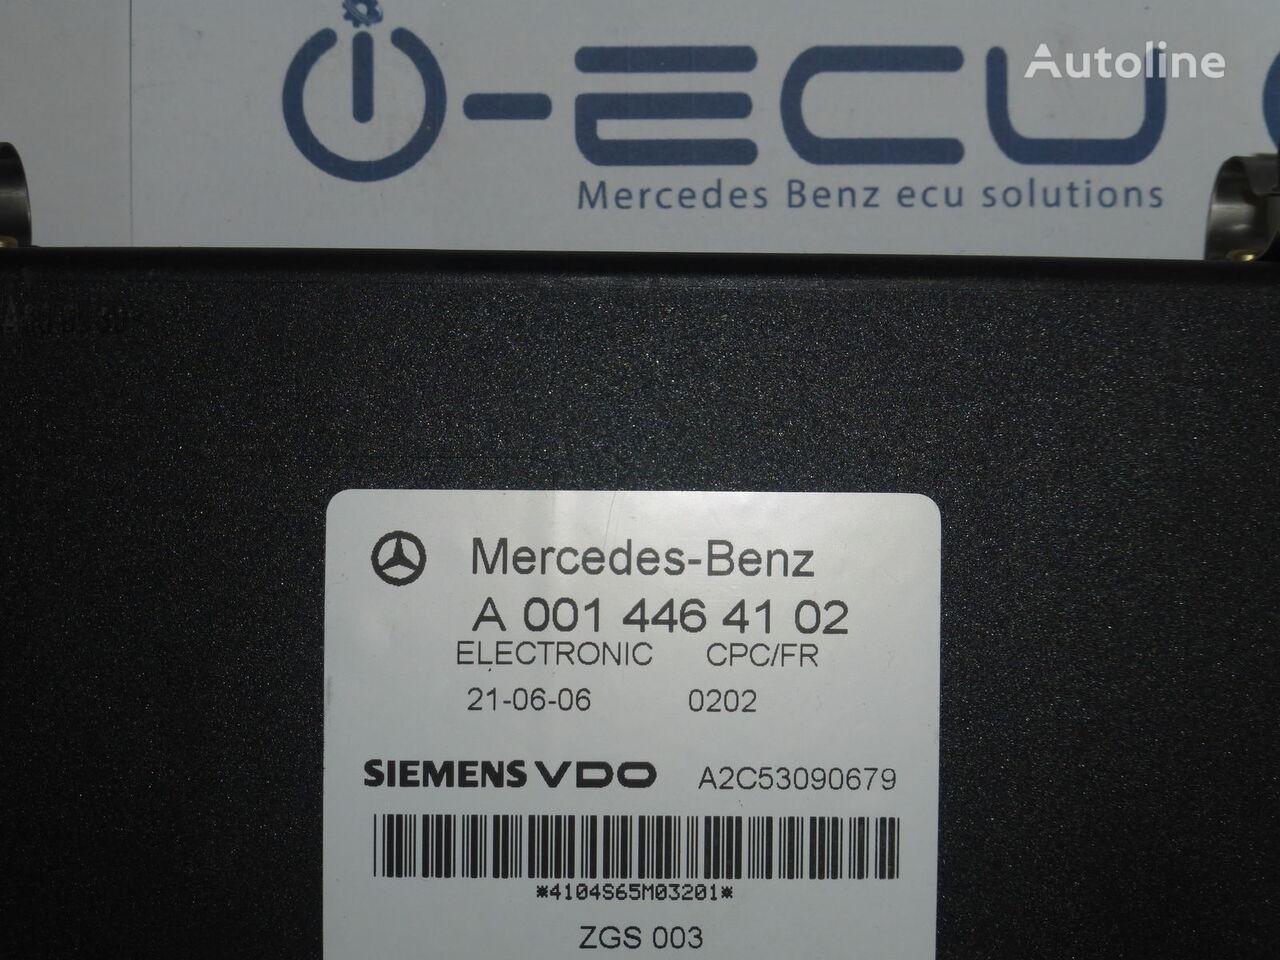 MERCEDES-BENZ A 0014464102 control unit for MERCEDES-BENZ ACTROS truck